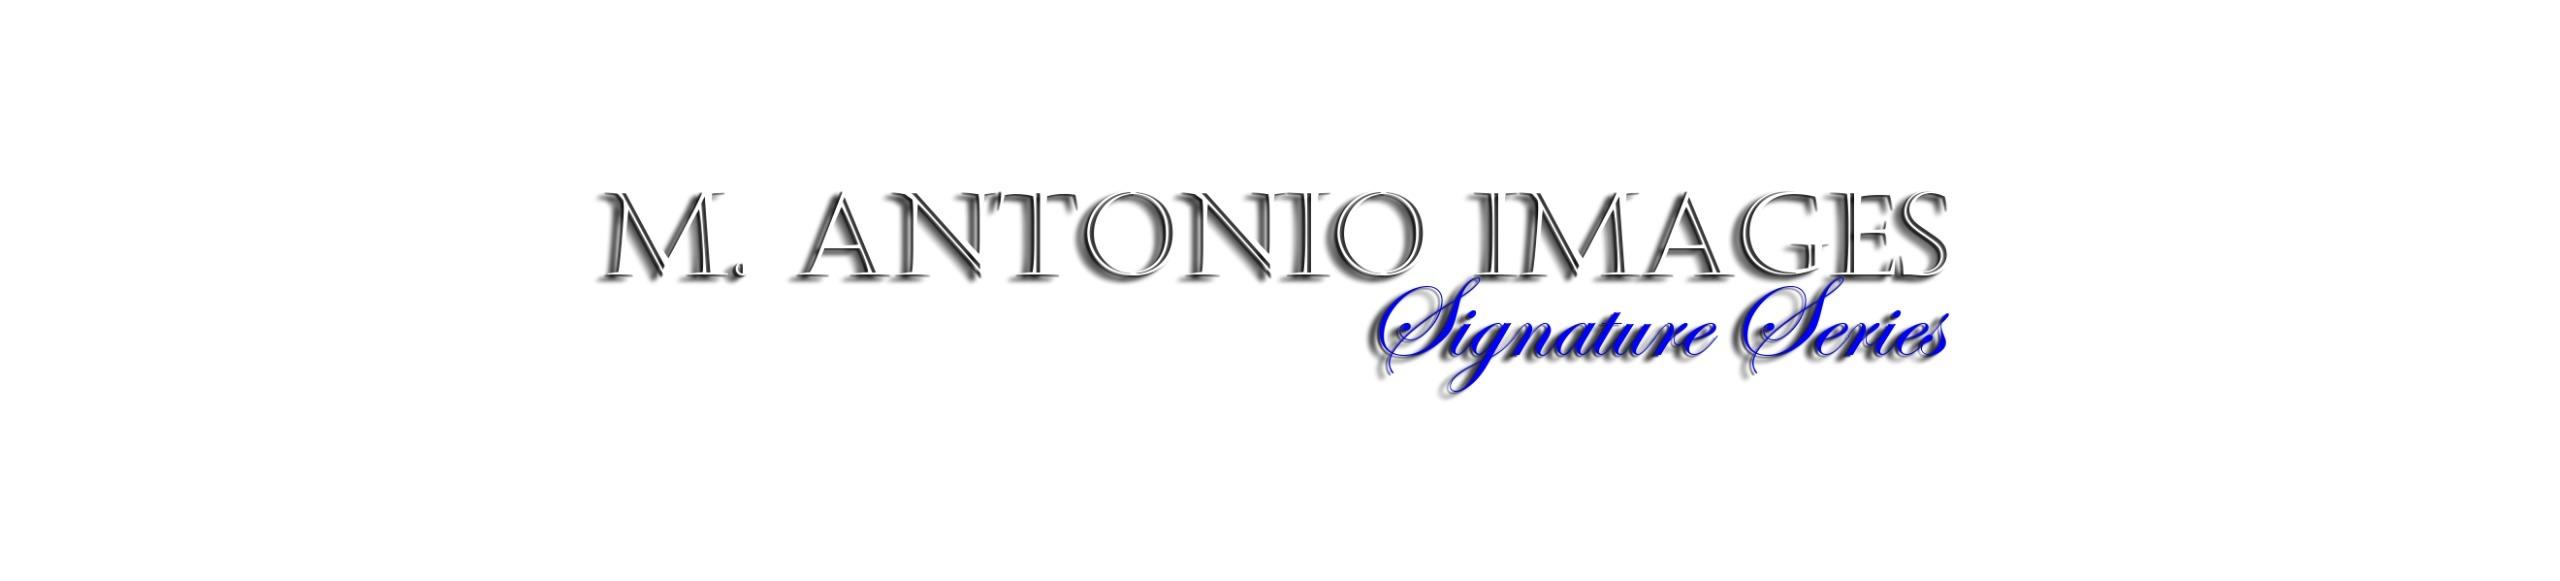 M Antonio Images (@m_antonio) Cover Image